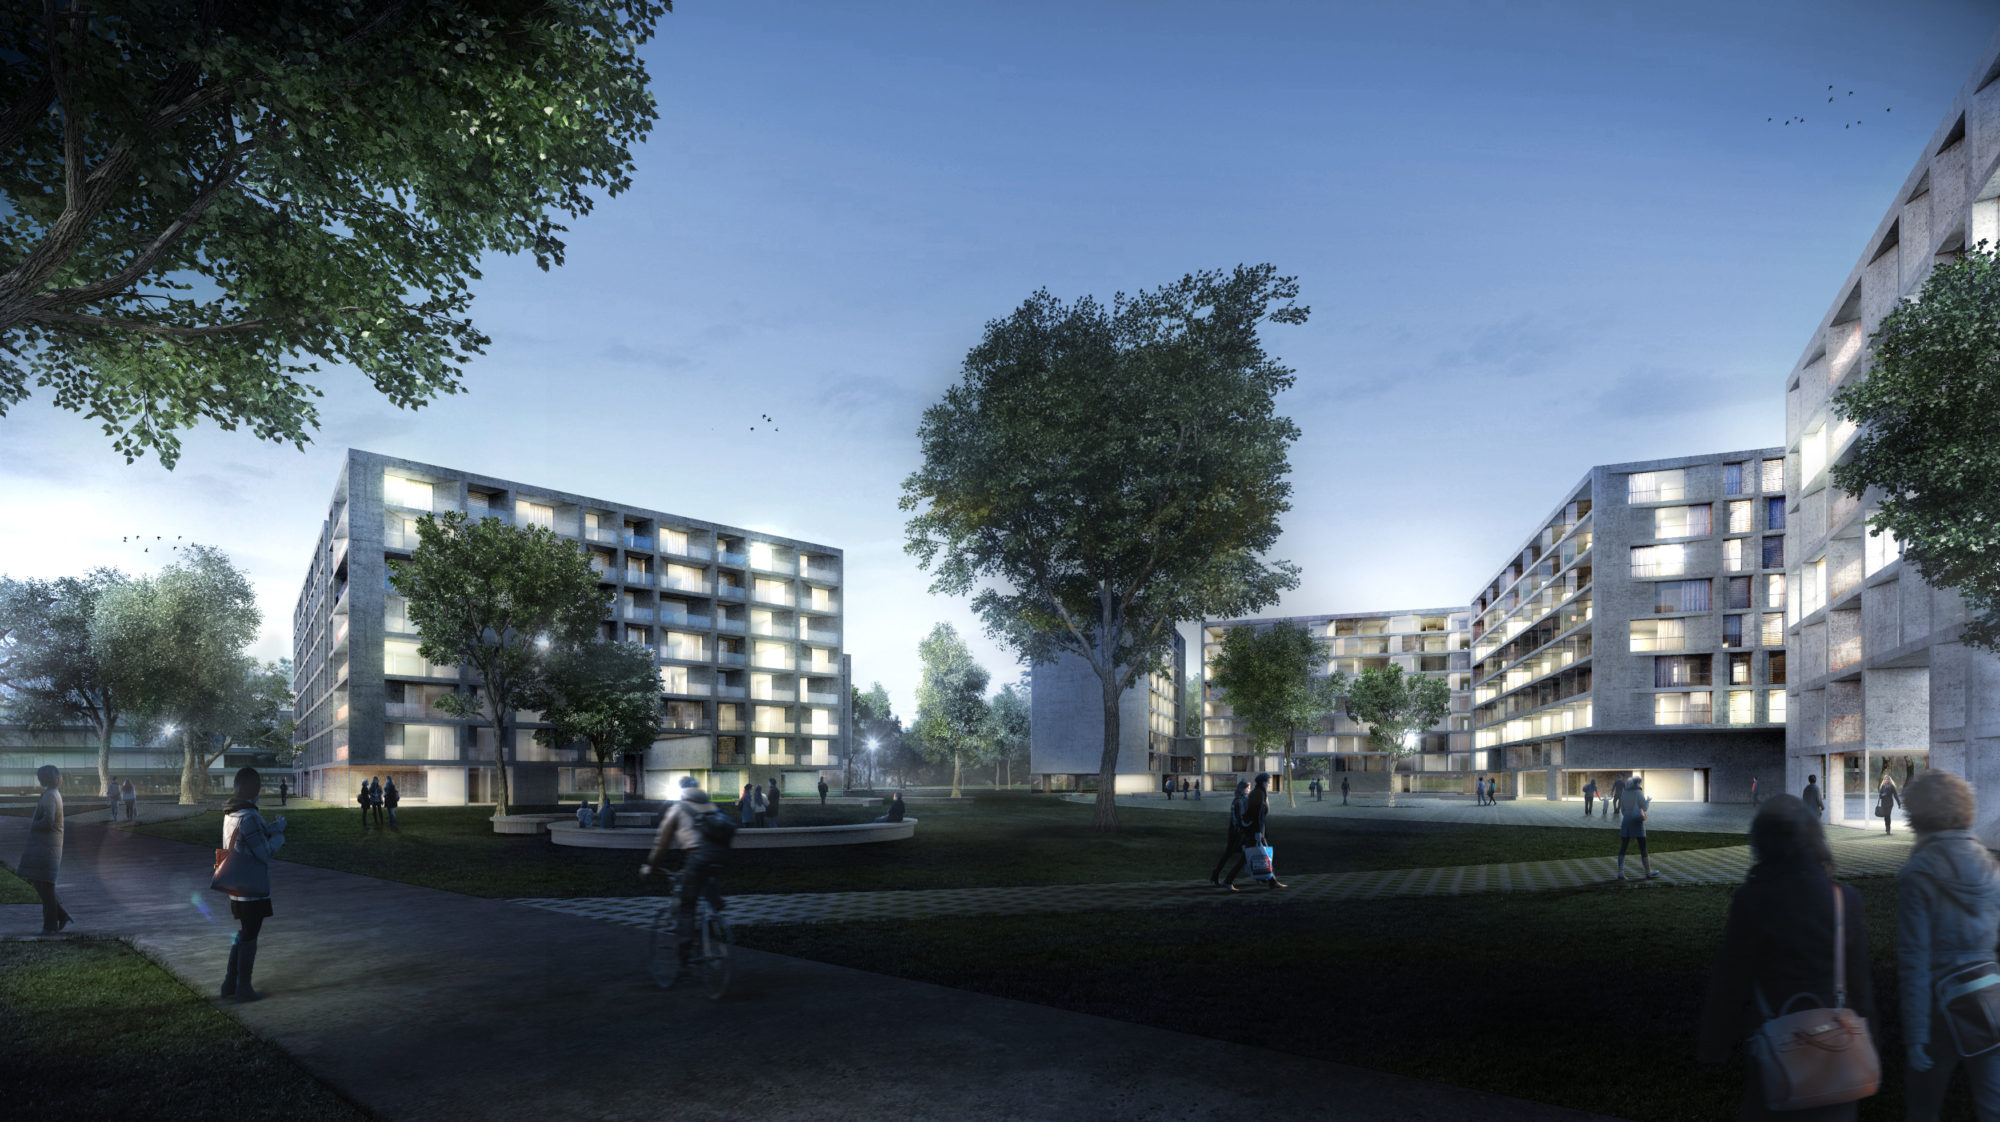 Habitatges a Carouge - Garcés - de Seta - Bonet